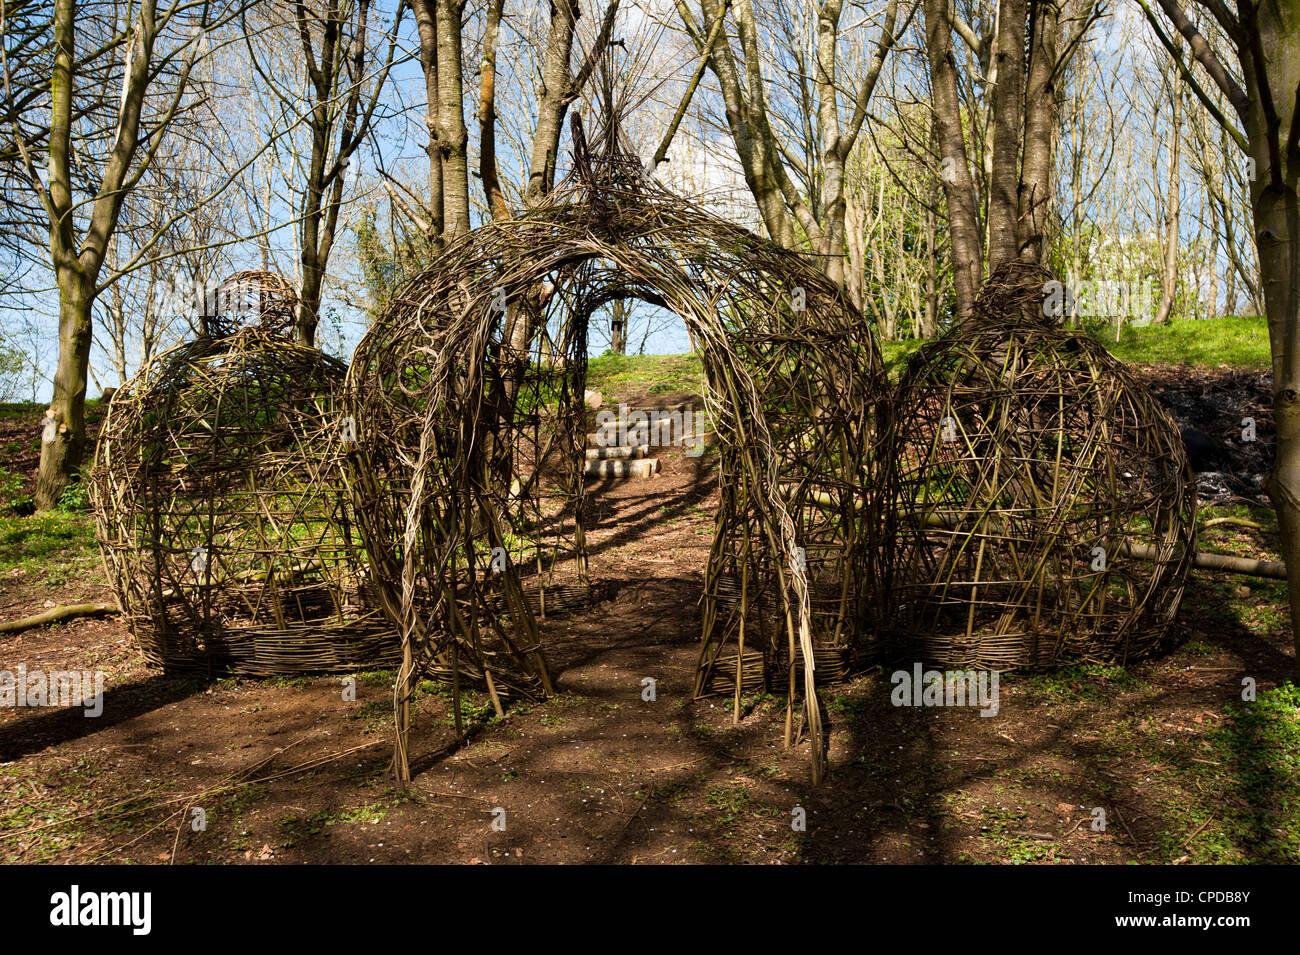 Diamond Jubilee Gardens Stock Photos & Diamond Jubilee Gardens Stock ...